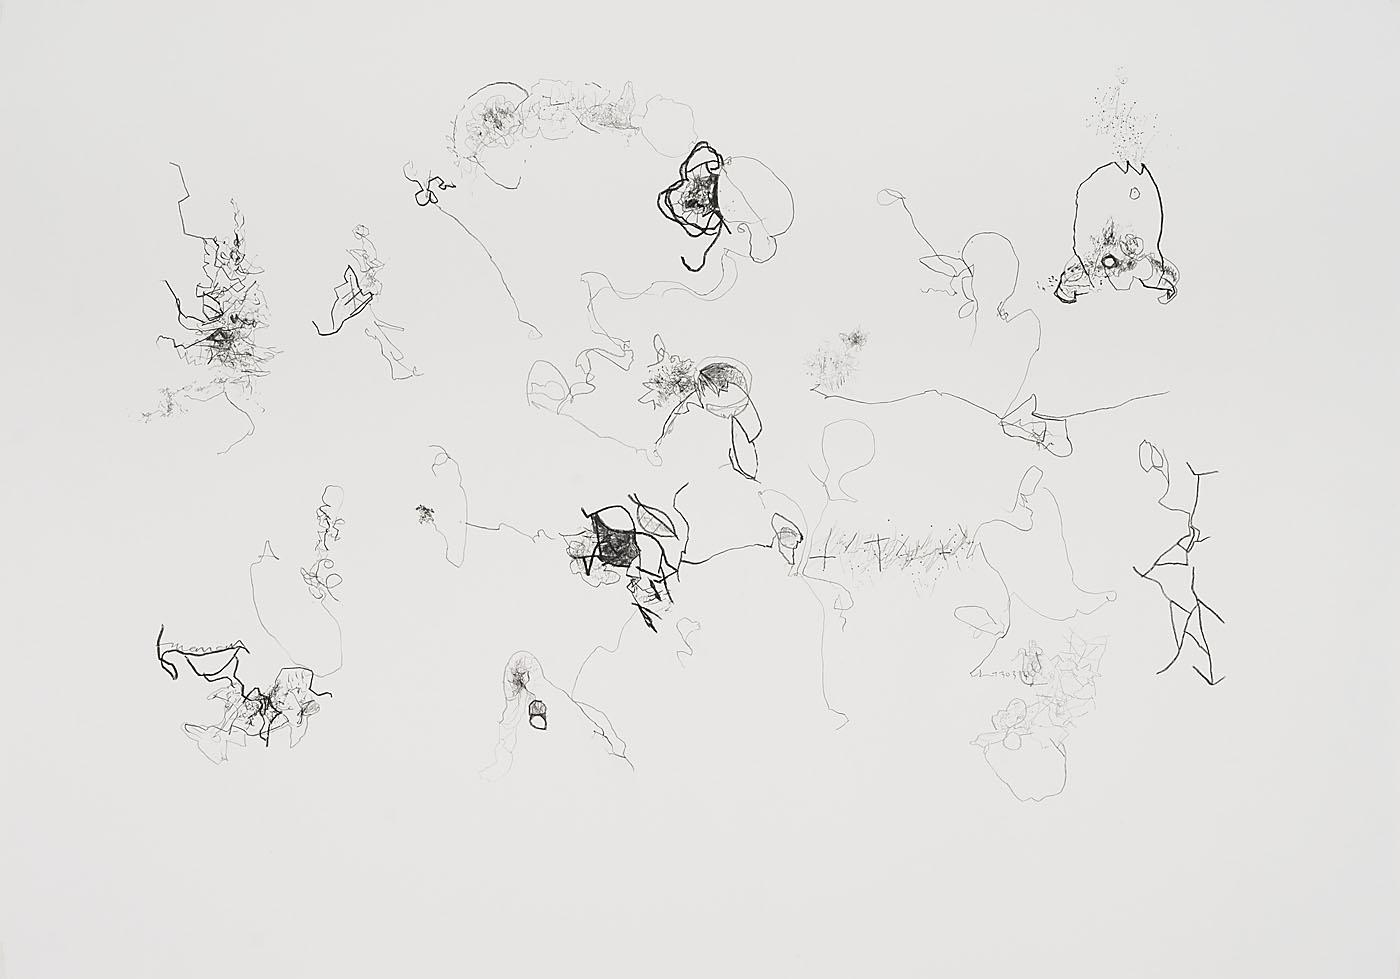 Seismografische Kompositionen 13 03 14 A / Bleistift auf Papier / 59,4 x 84,1 cm